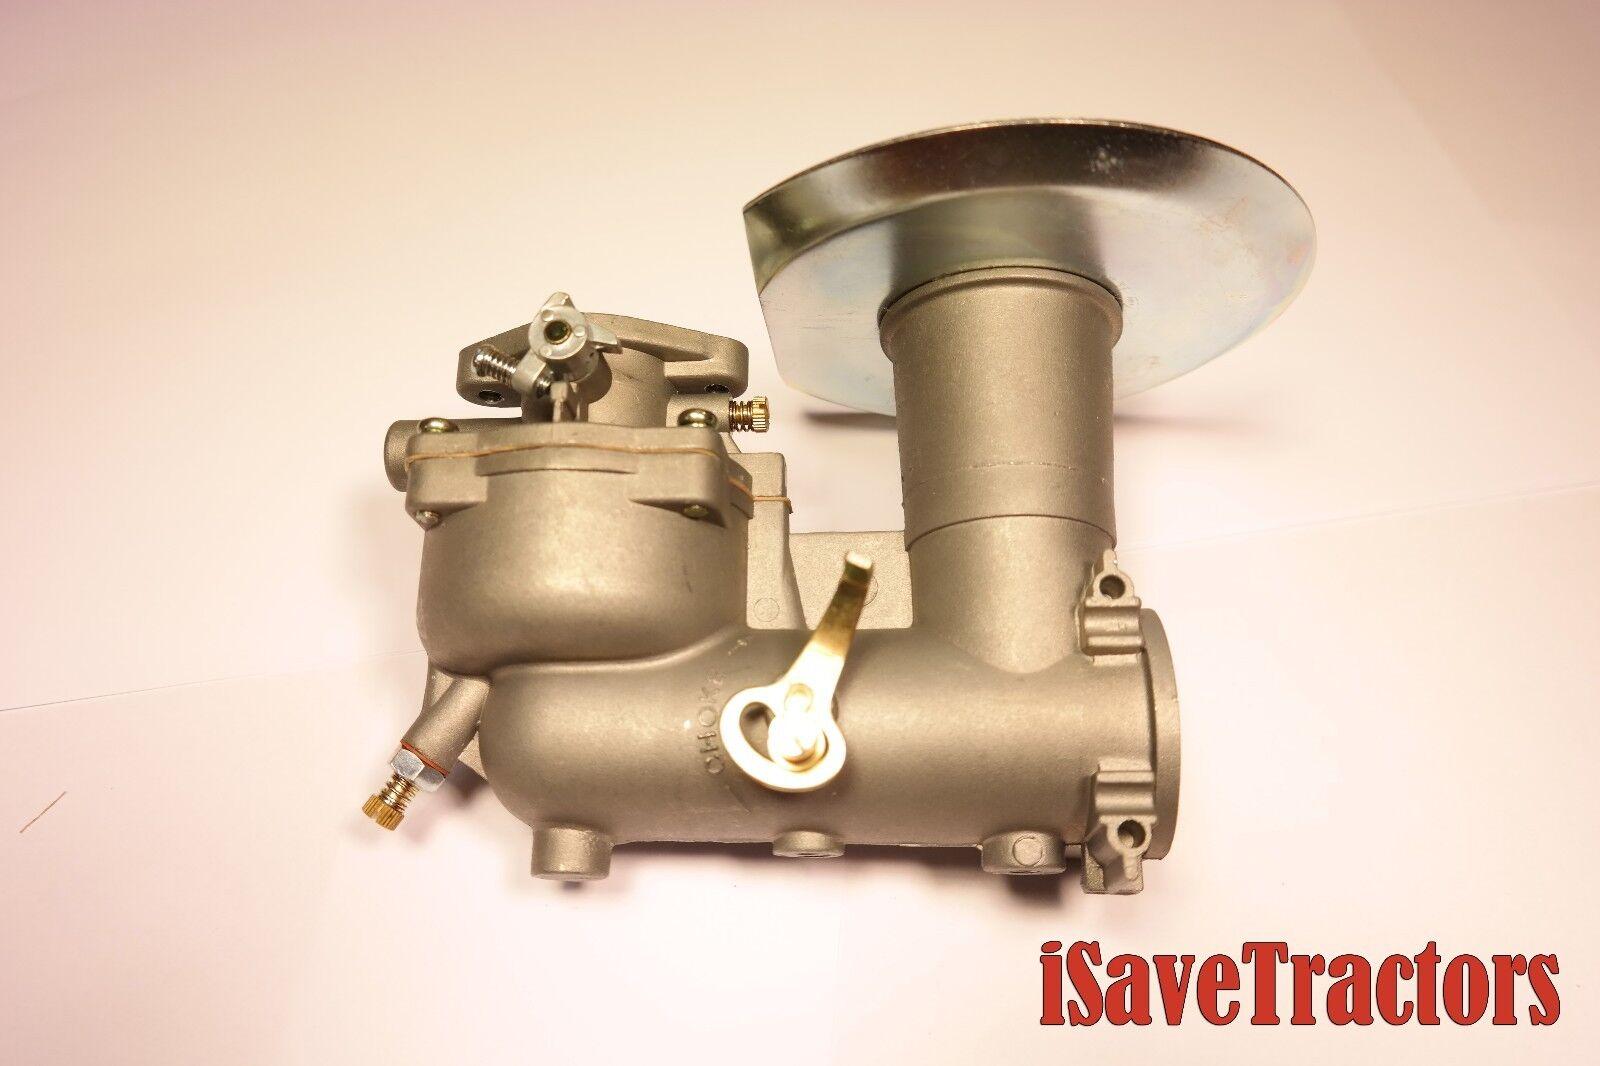 Cocheburador Para Motores Briggs & Stratton Hierro Fundido 391070 1104 9 Allis Chalmers